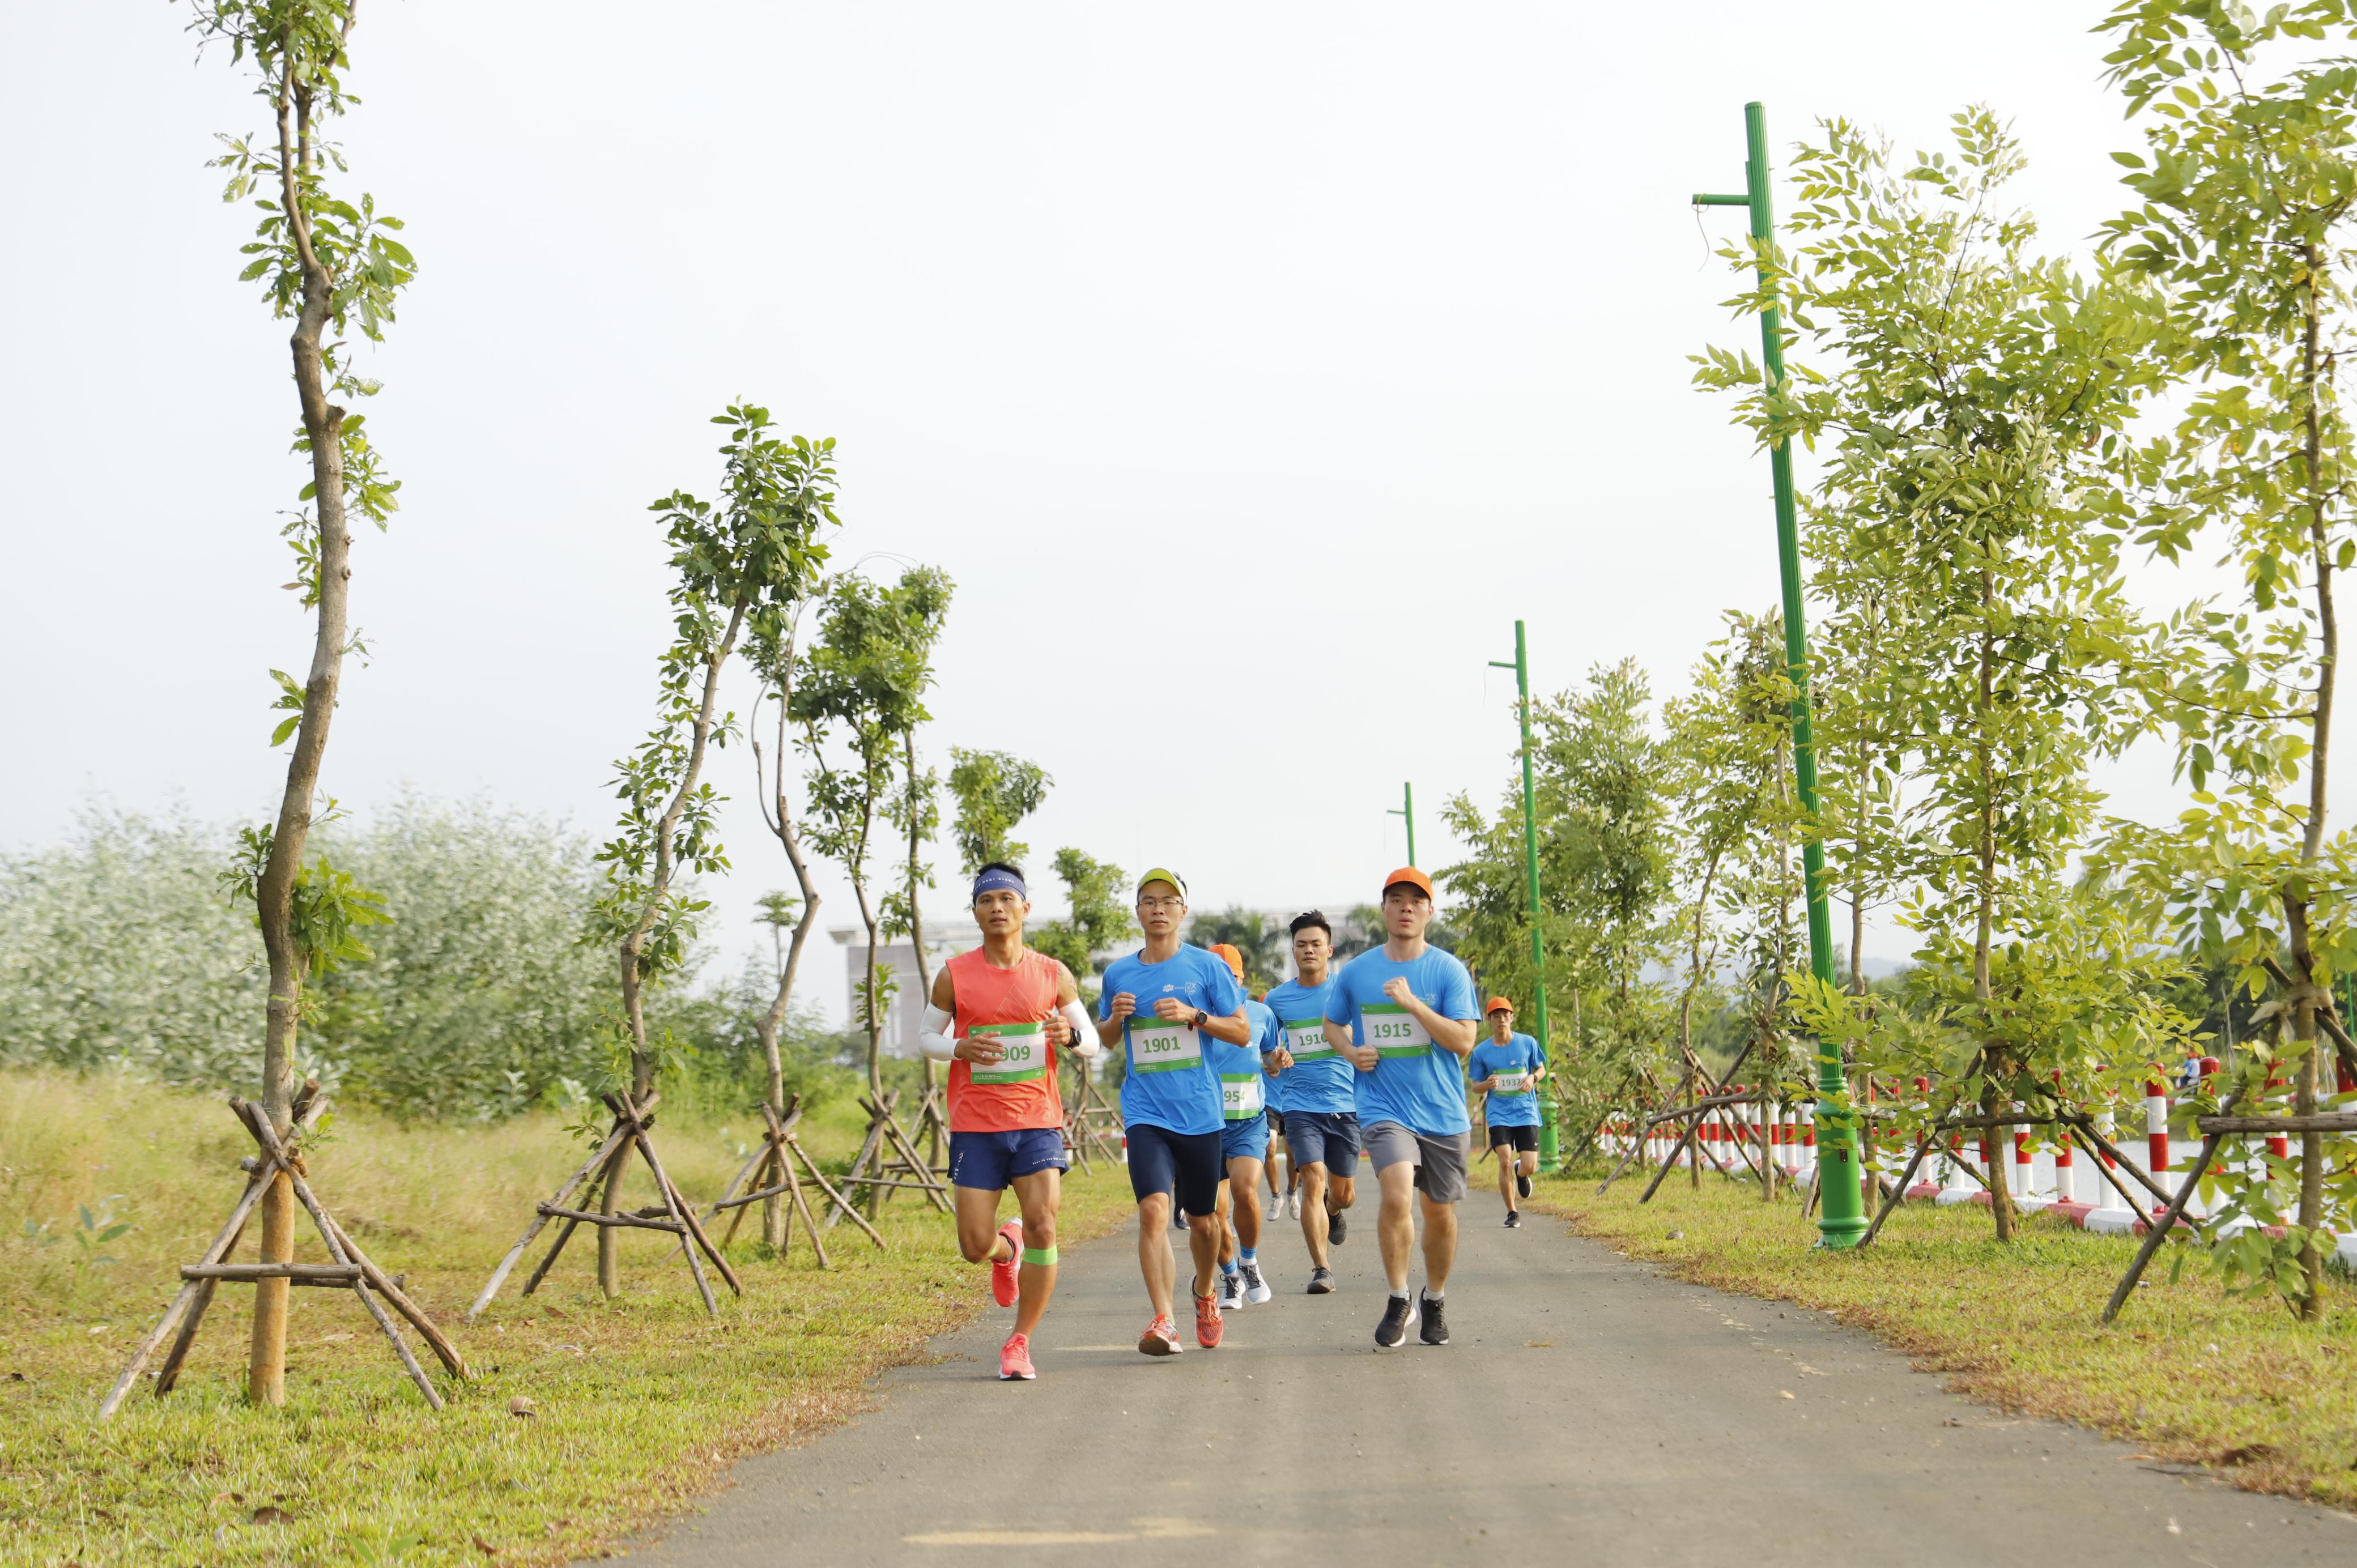 """Với thông điệp chạy vì một Hà Nội trong lành, người FPT cùng cộng đồng CNTT Hà Nội đã cùng giao lưu với nhau, chia sẻ với nhau kinh nghiệm chạy với những chân chạy """"đáng gờm"""" nổi tiếng nhà F. Bên cạnh đó, giải Marathon được tổ chức tại F-Ville Hòa Lạc, nơi được mệnh danh là """"thung lũng xanh"""" giưa lòng Hà Nội, các runner còn được ngắm nhìn cung đường đẹp và xanh mát nhất F-Ville."""